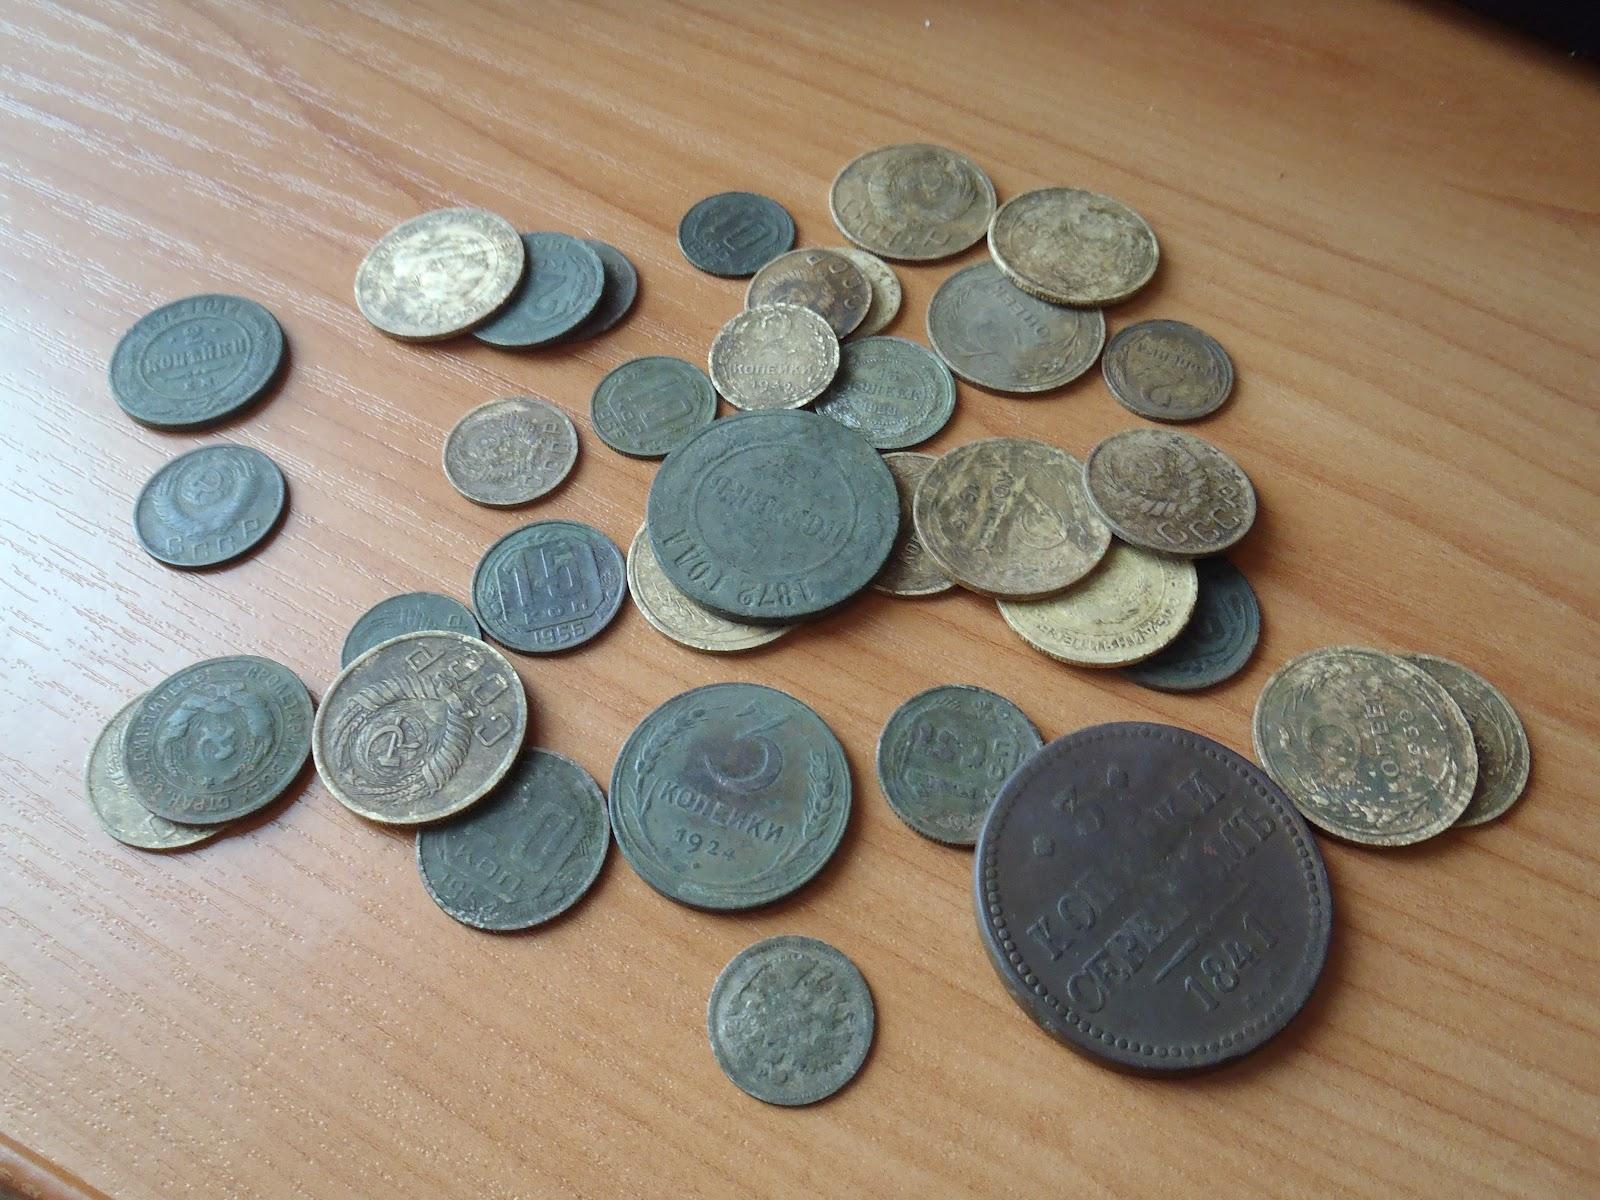 Можно ли отправлять монеты по почте 20 век это какой год